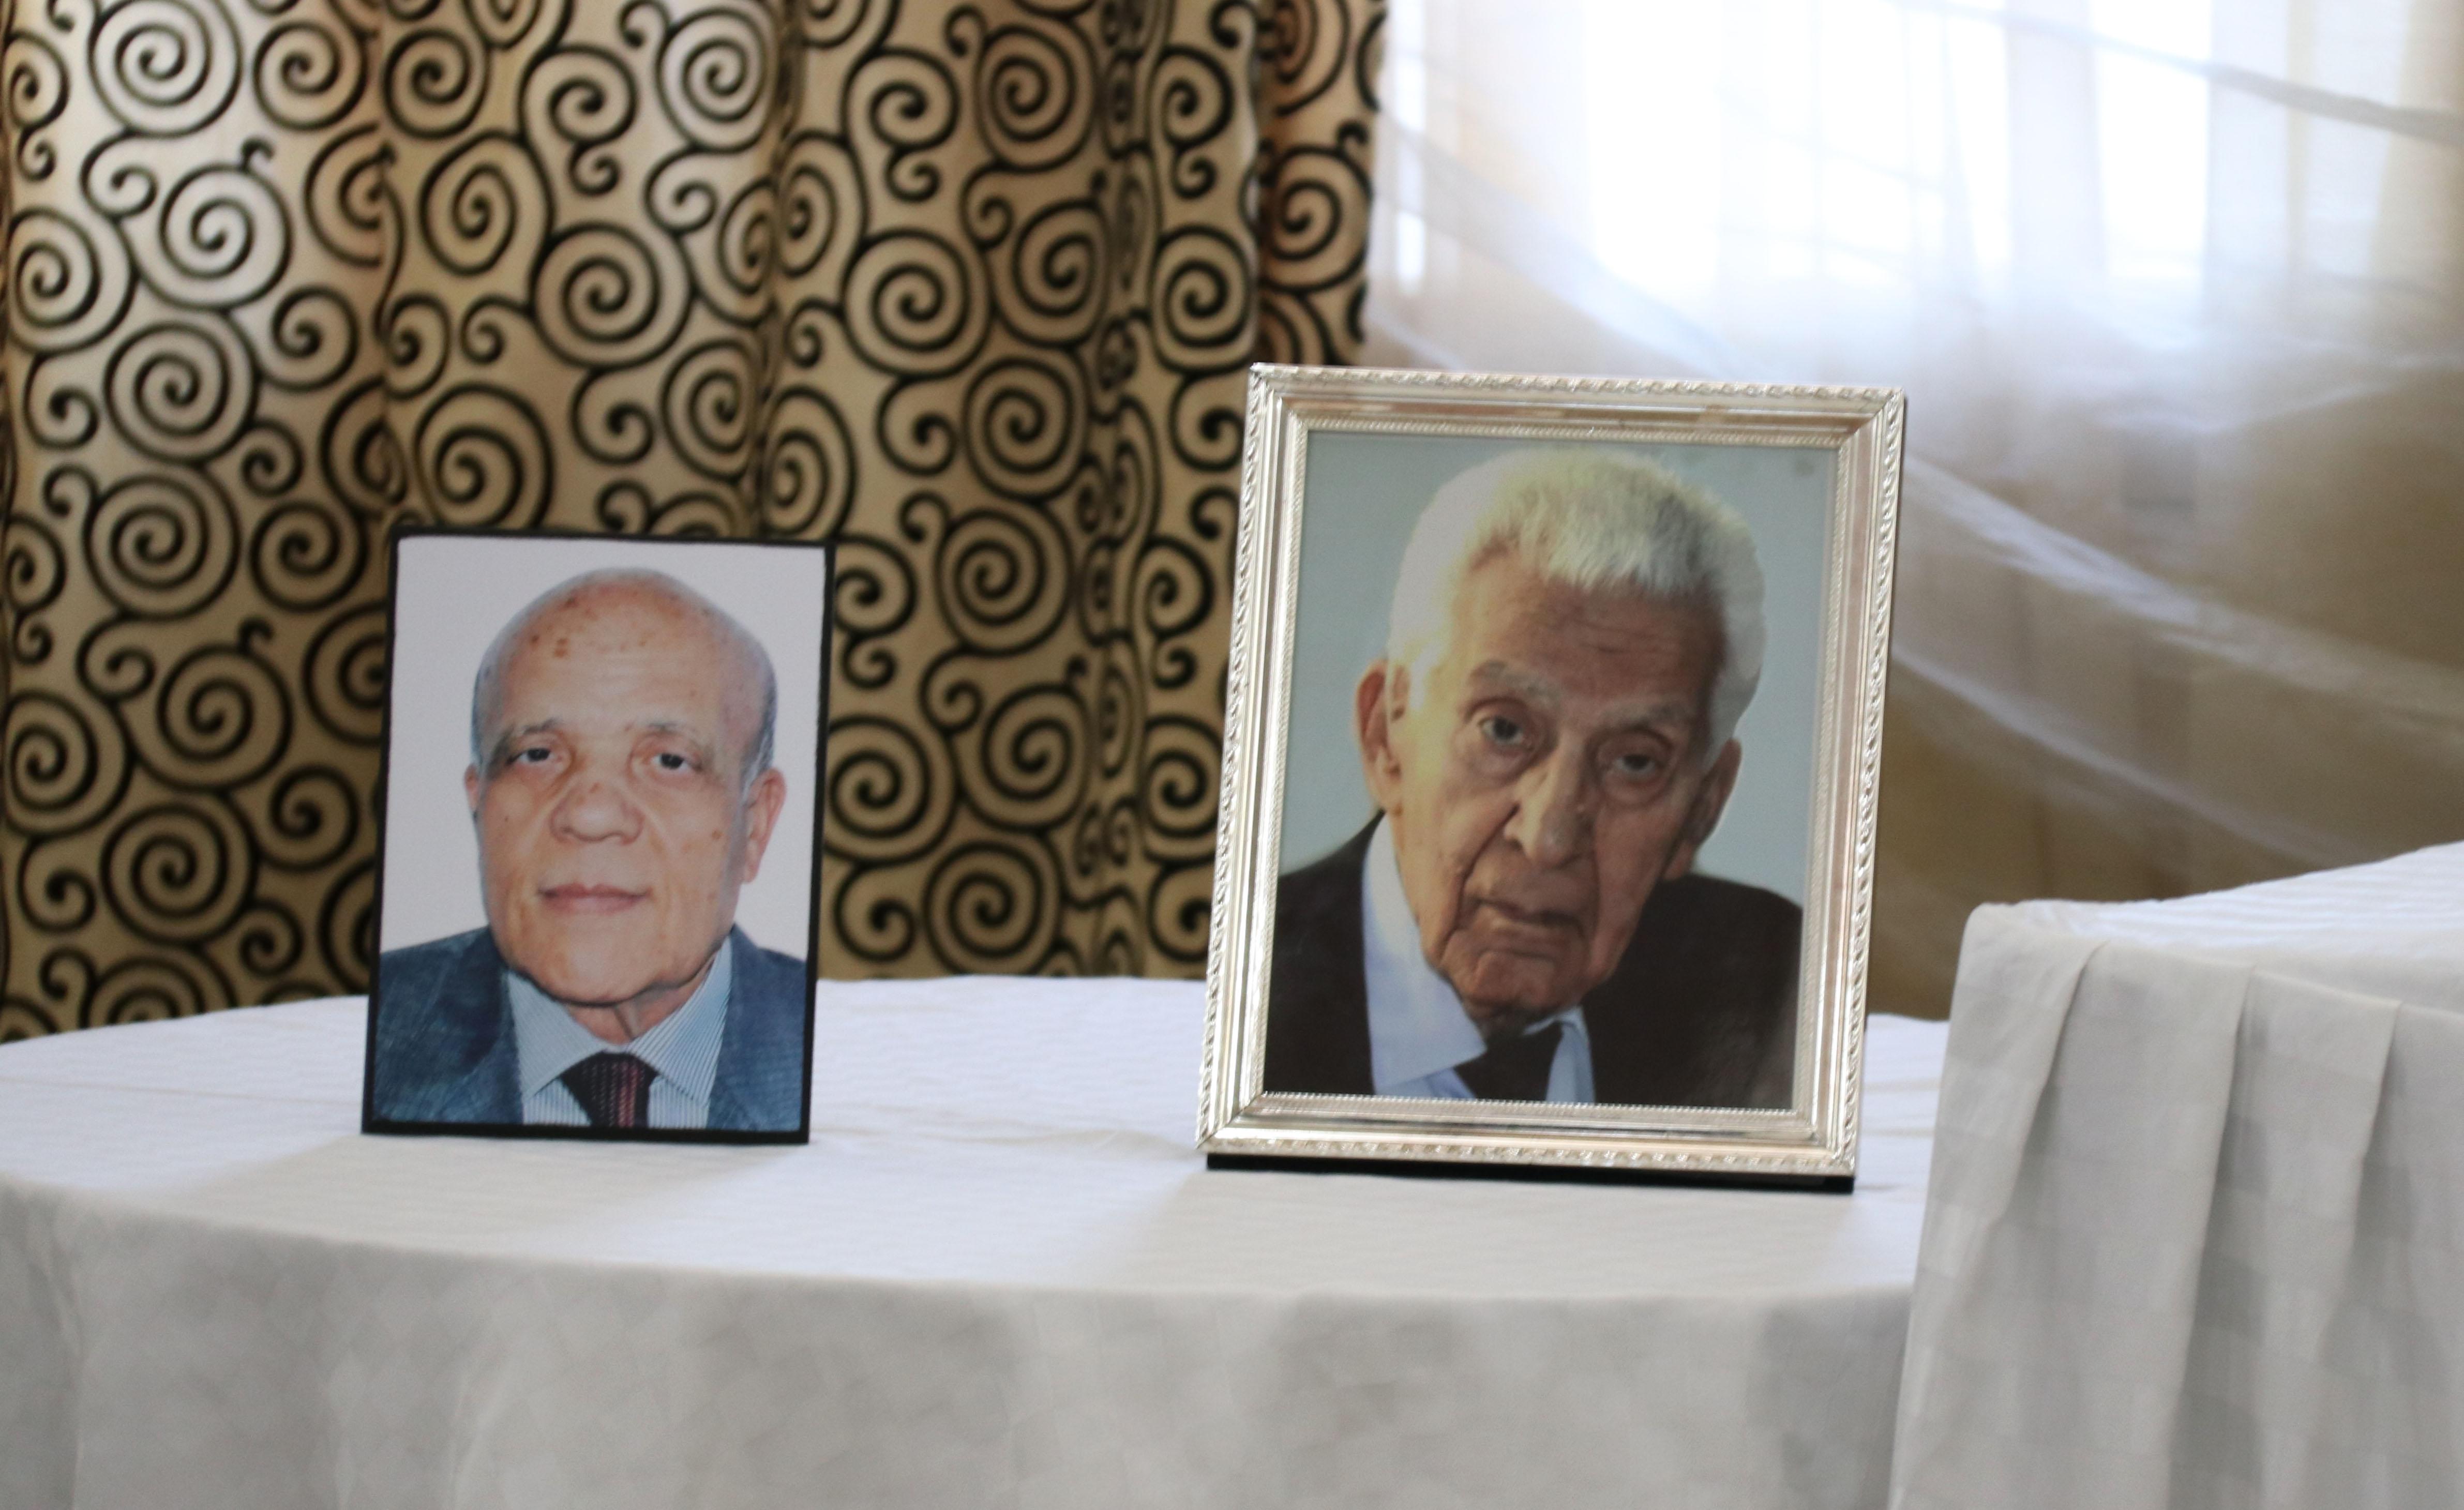 وزير الخارجية يشرف على موكب تأبين السفيرين الفقيدين أحمد غزال ومحمد فتحي التونسي: